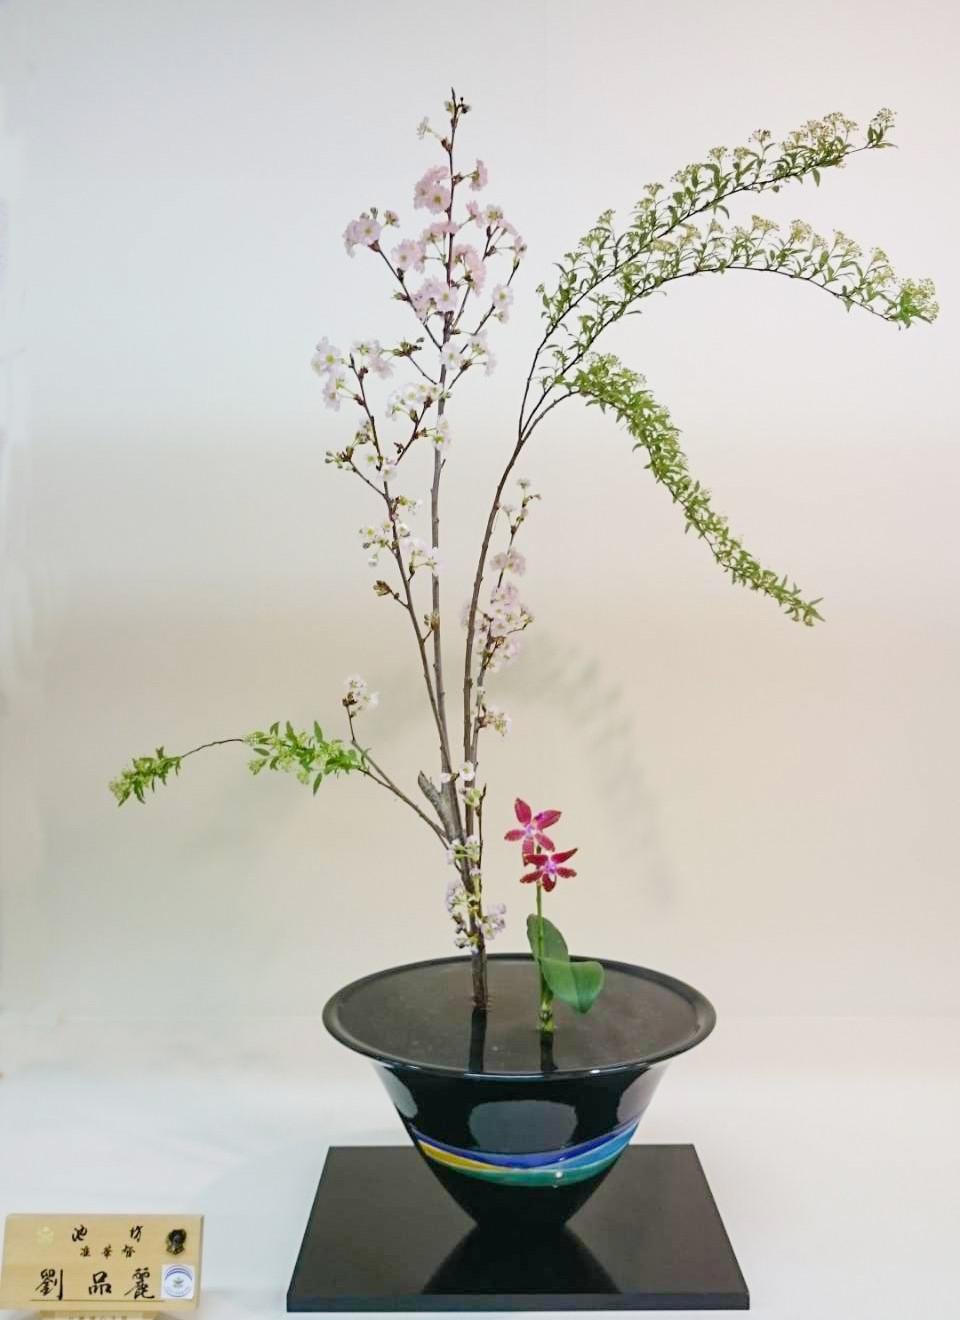 「生花」注重草木生命的傳統美學,創造及呈現出花草的本質、色彩、平衡。